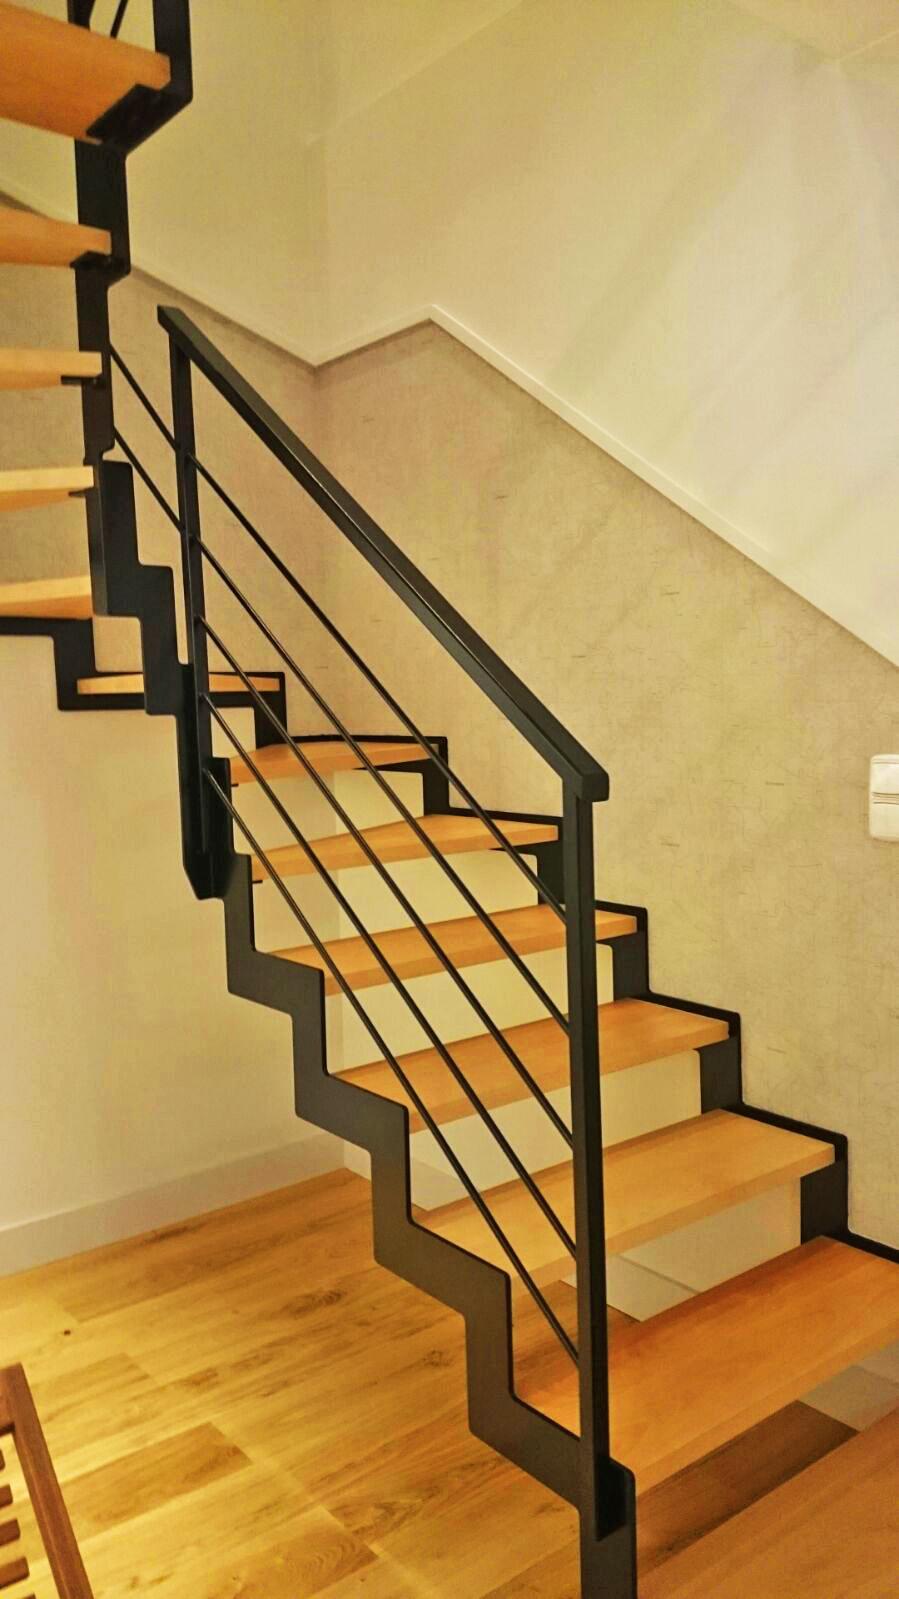 Escalera modelo zorroaga compensada con estructura de acero y pelda os de madera - Escaleras con peldanos de madera ...